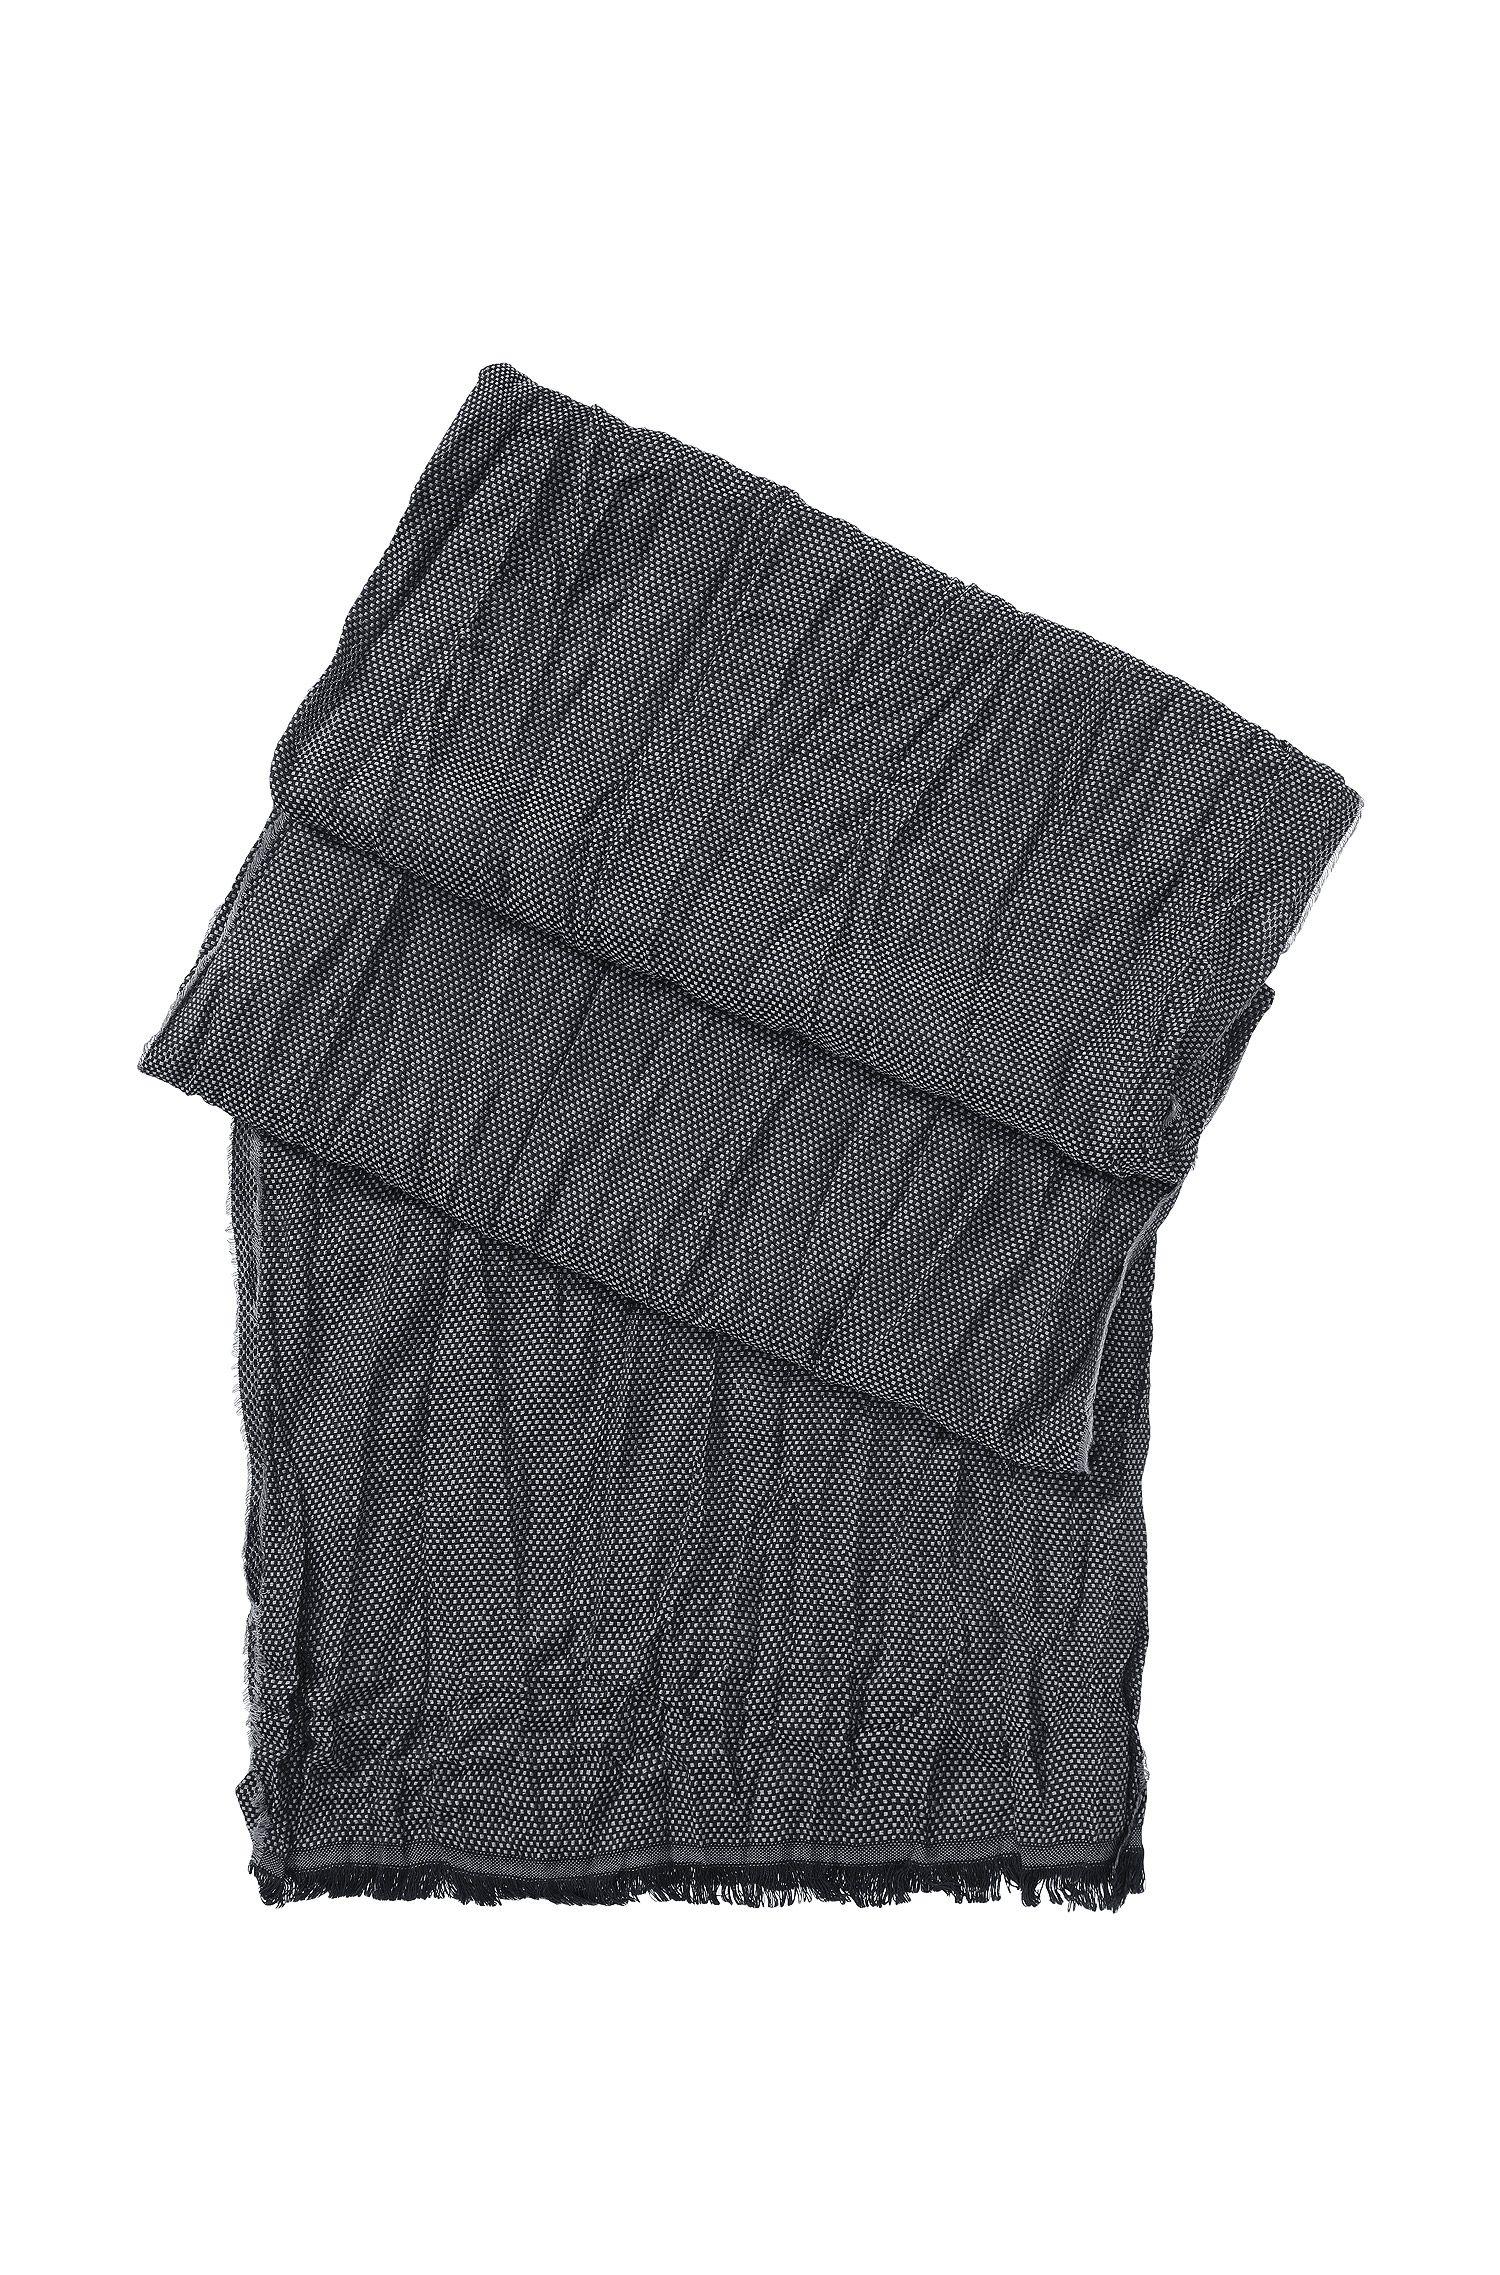 Sjaal ´Scarf cm 180 x 40` met wol en viscose